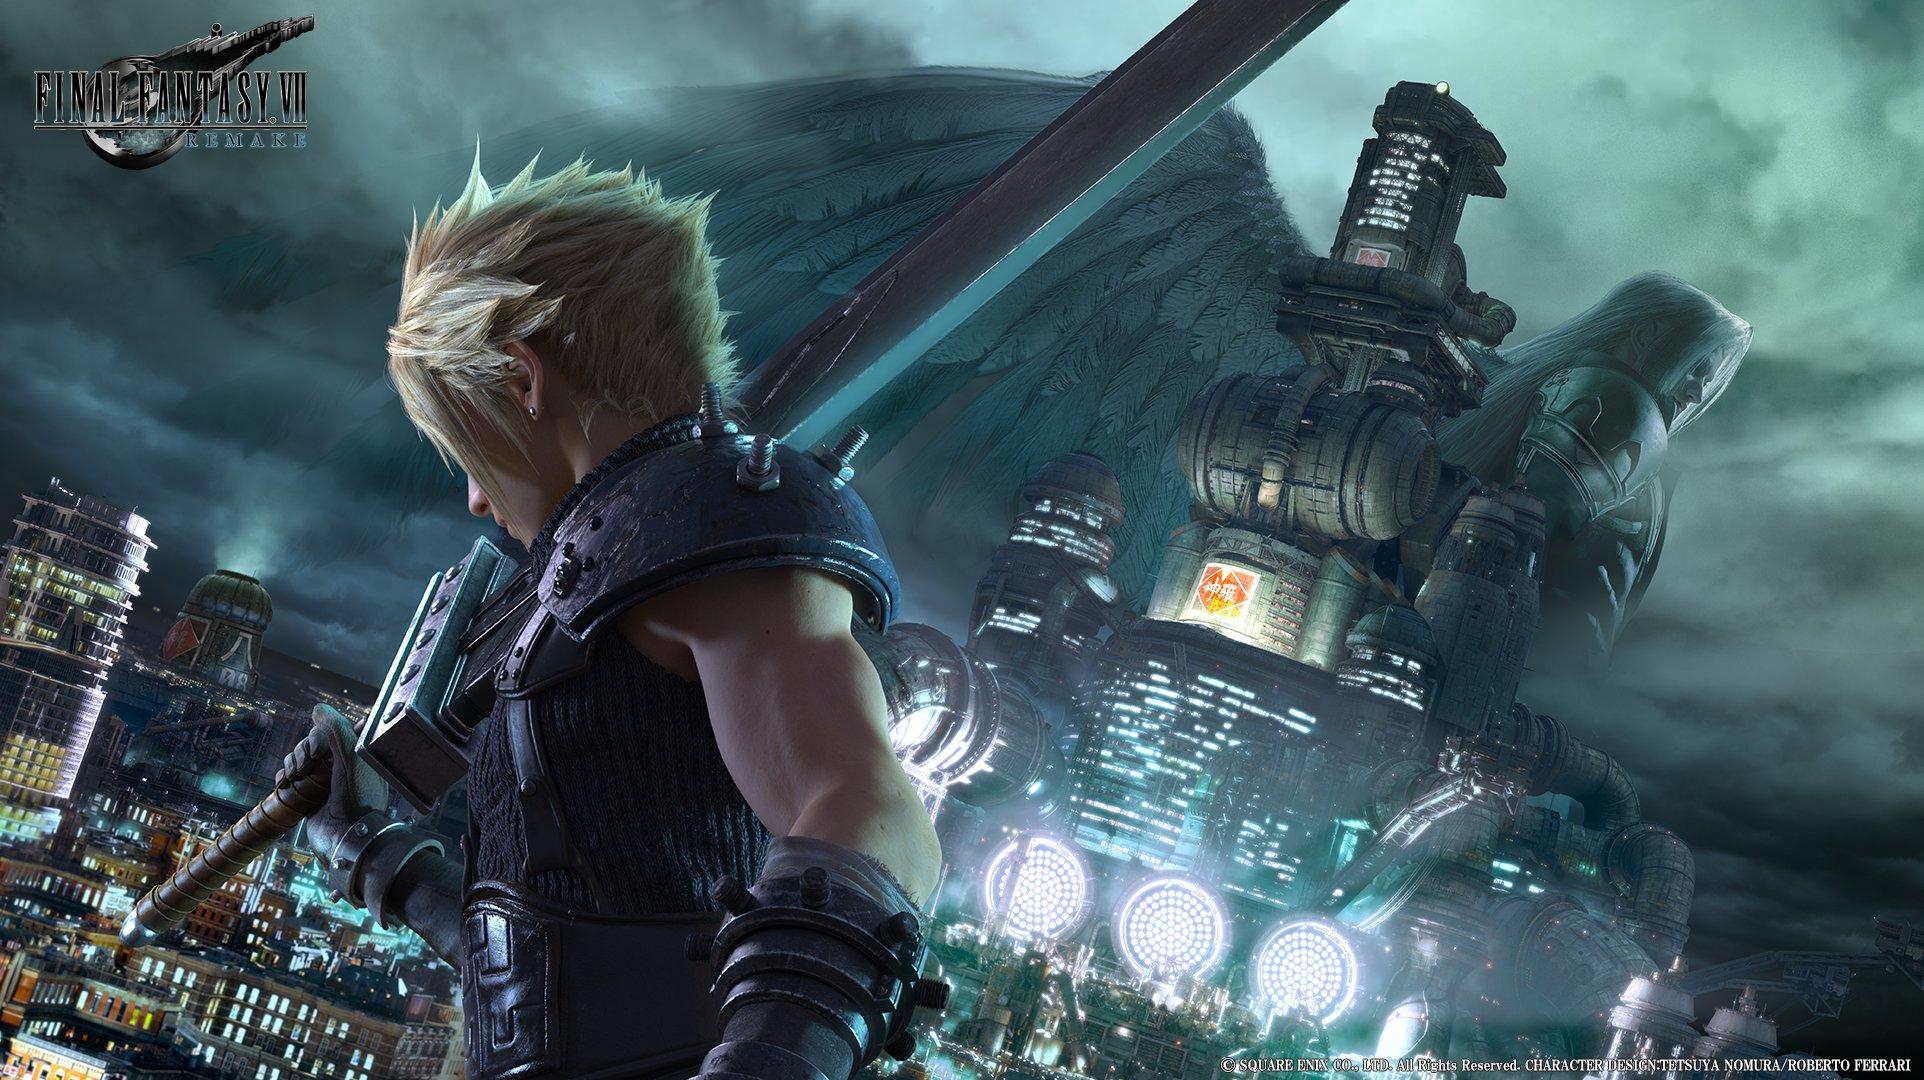 Arrêtez tout ! La démo de Final Fantasy VII Remake est disponible sur PS4 !